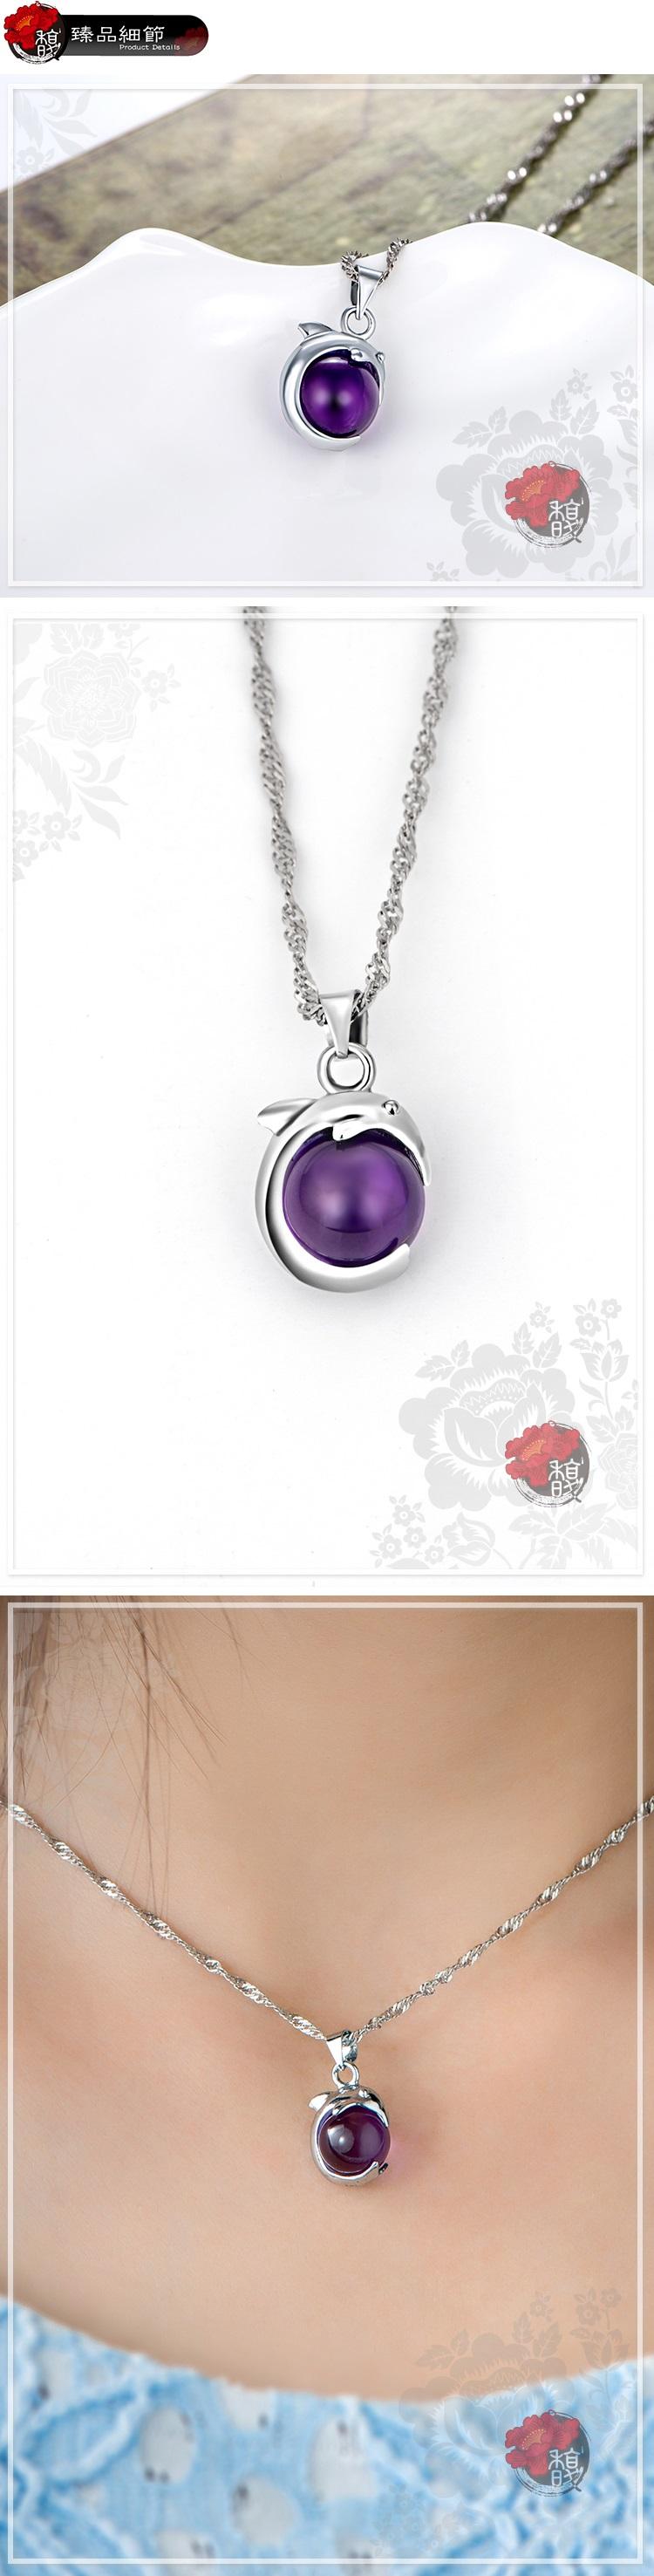 海洋環抱紫水晶項鍊